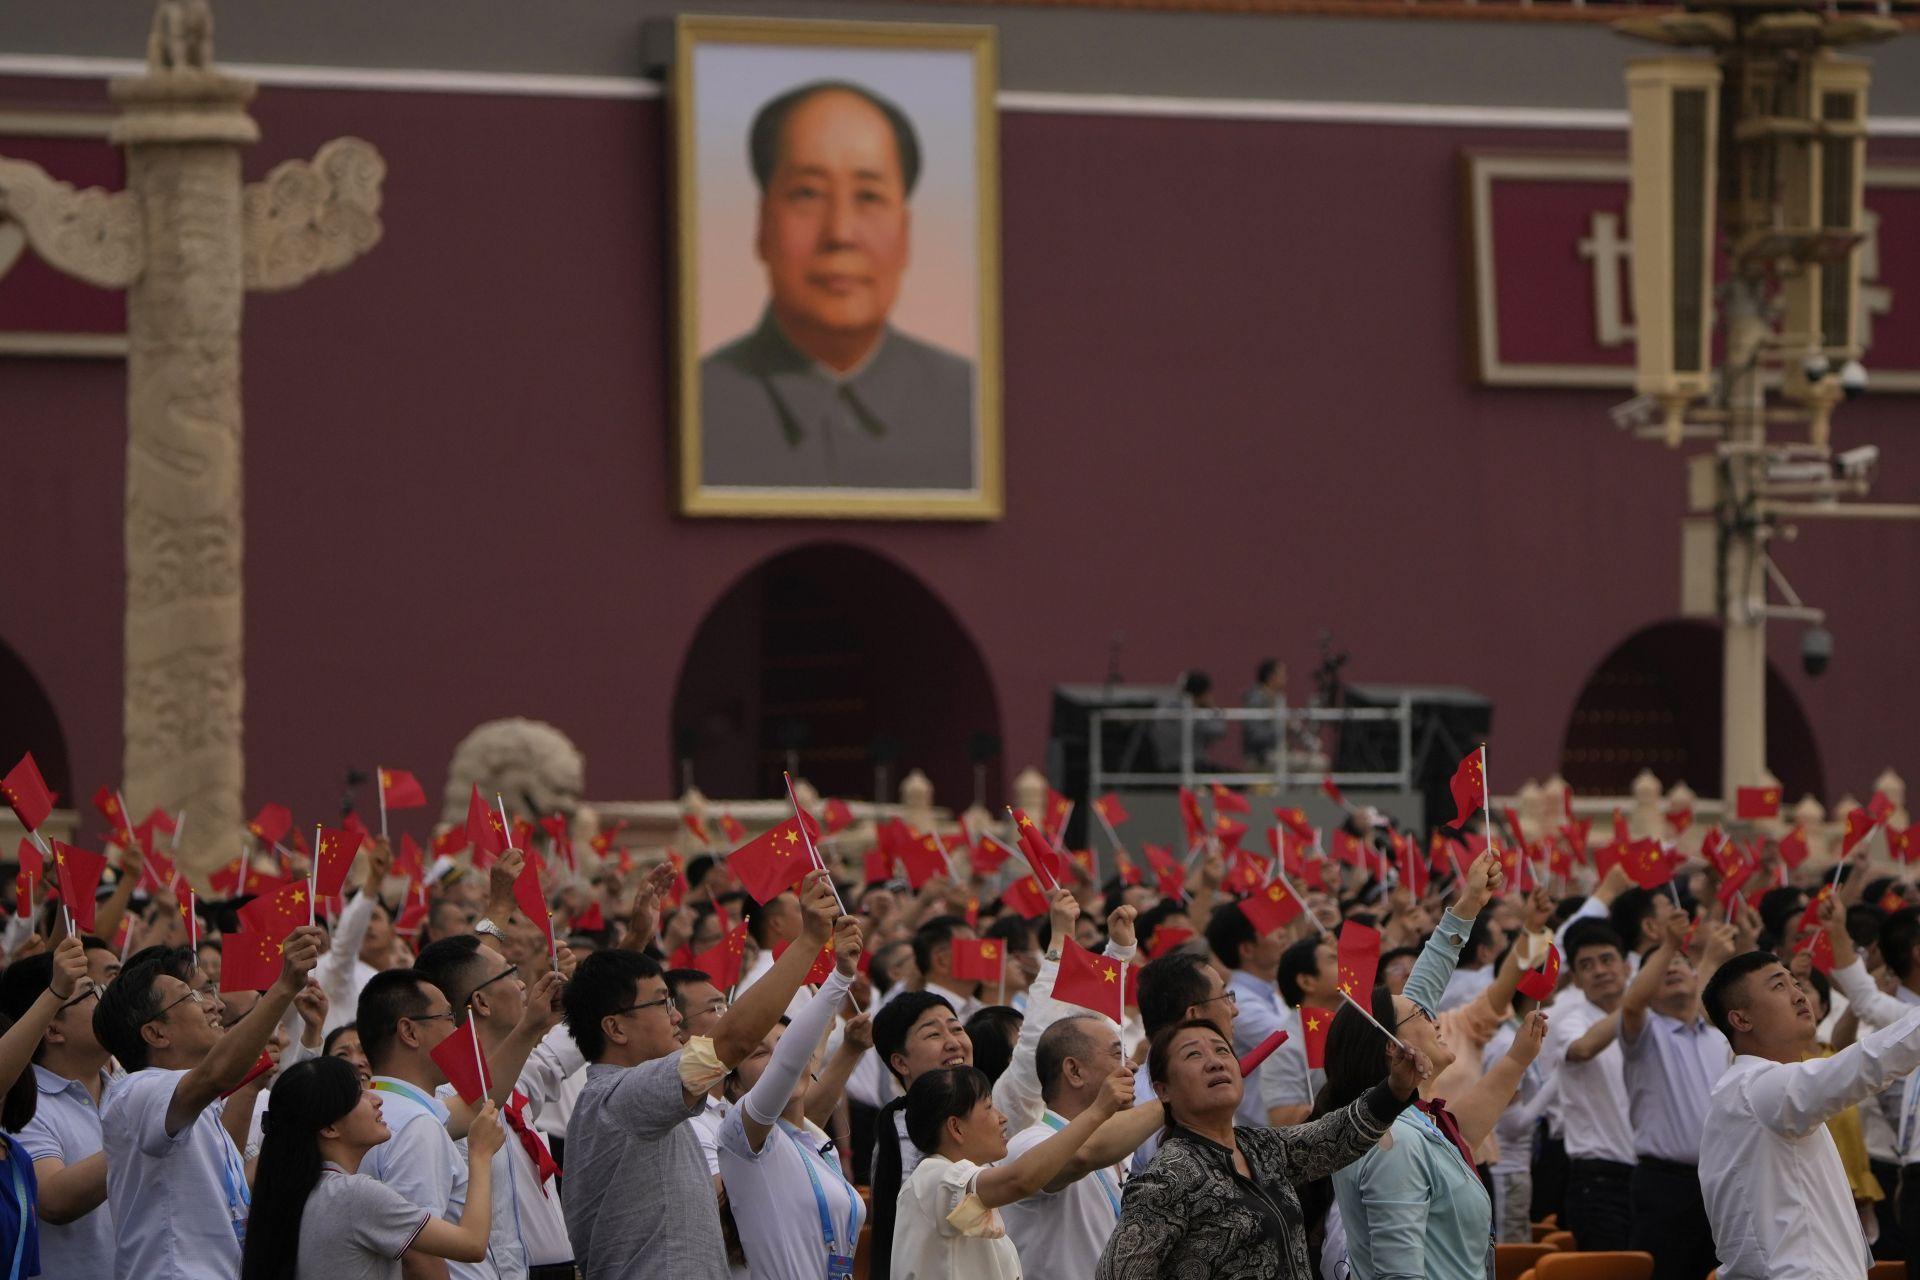 Хората развяват китайски знамена под голям портрет на покойния лидер Мао Дзедун по време на церемония по повод 100-годишнината от основаването на управляващата китайска комунистическа партия на портата Тянанмън в Пекин